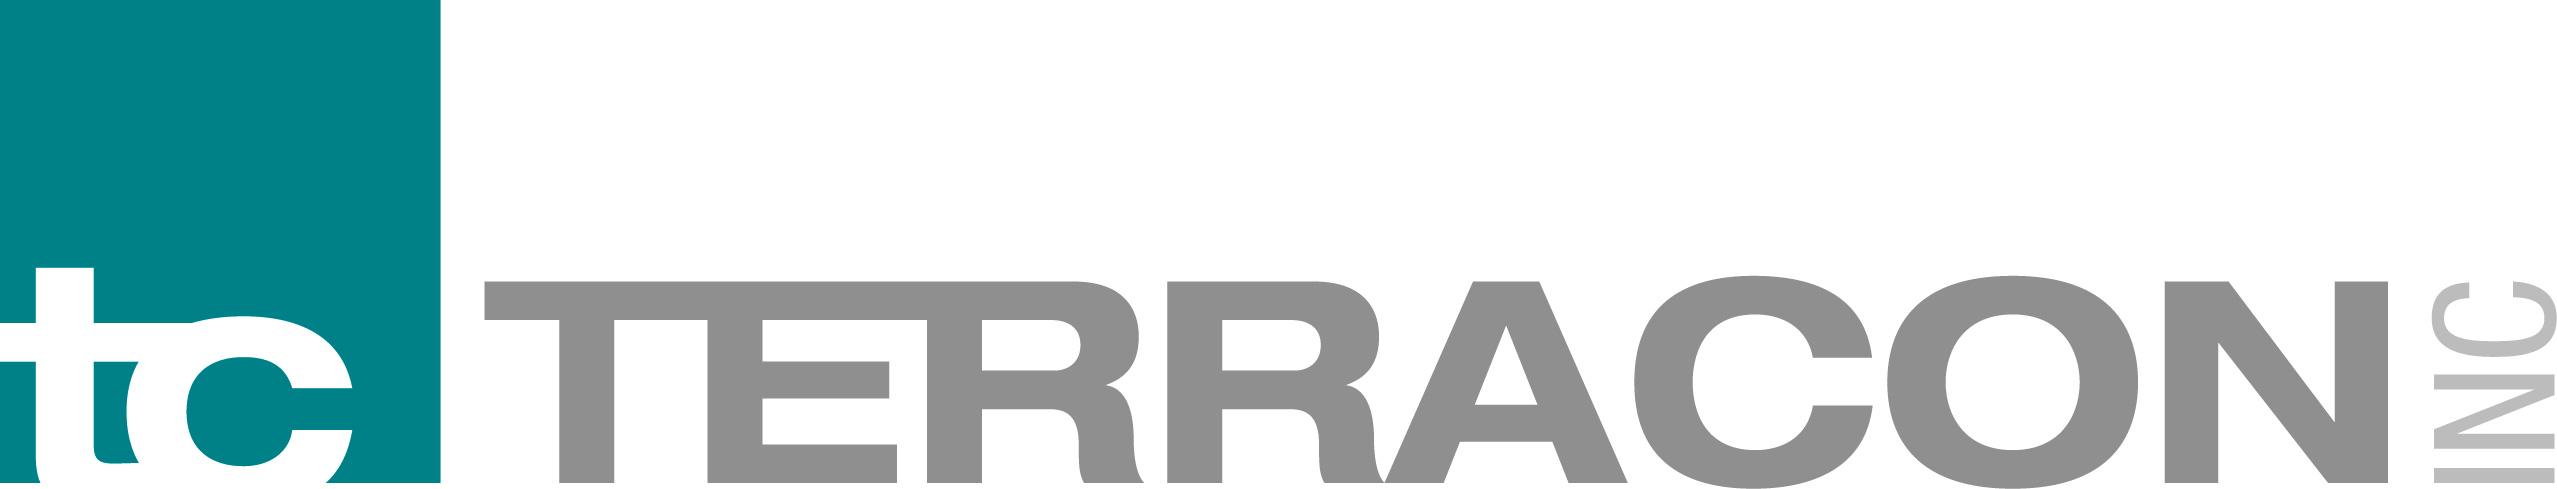 Terracon Inc | General Contractors in Vaughan | HomeStars